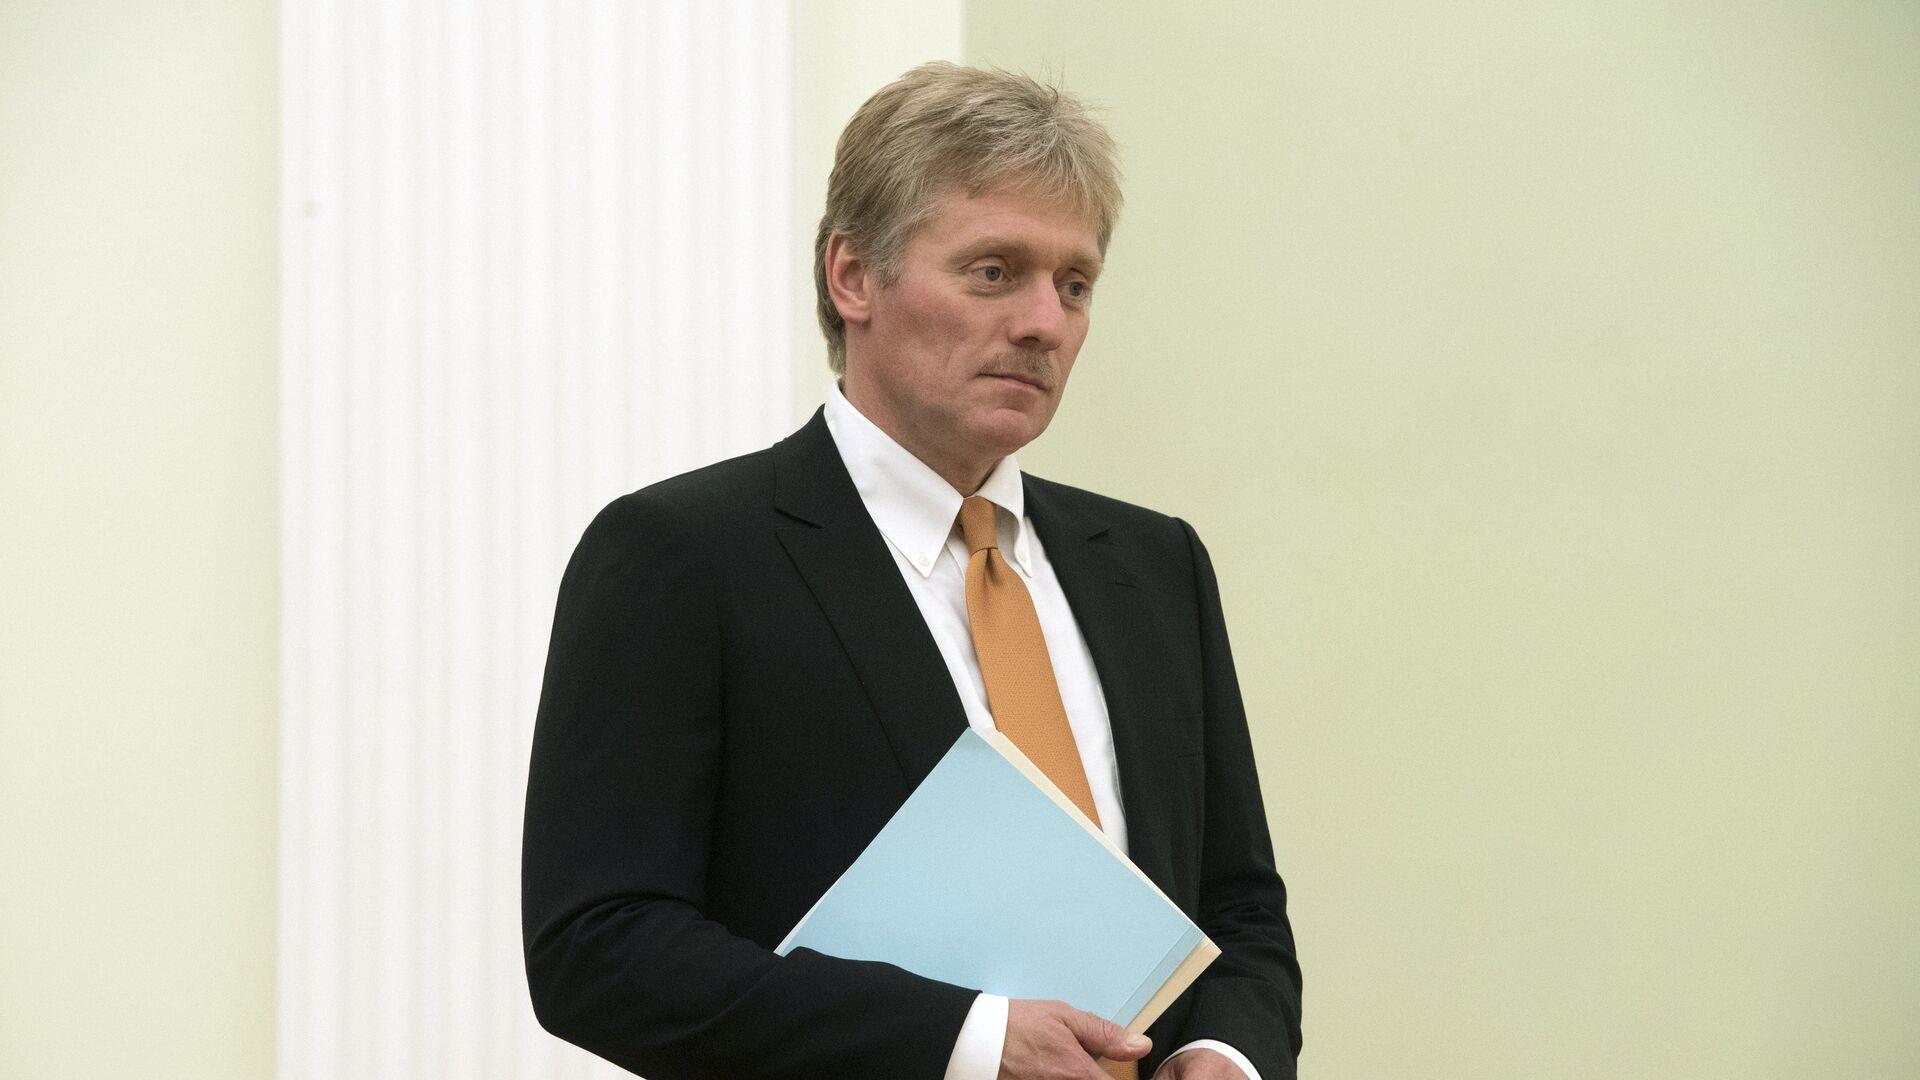 Пресс-секретарь президента РФ Дмитрий Песков - Sputnik Латвия, 1920, 02.09.2021